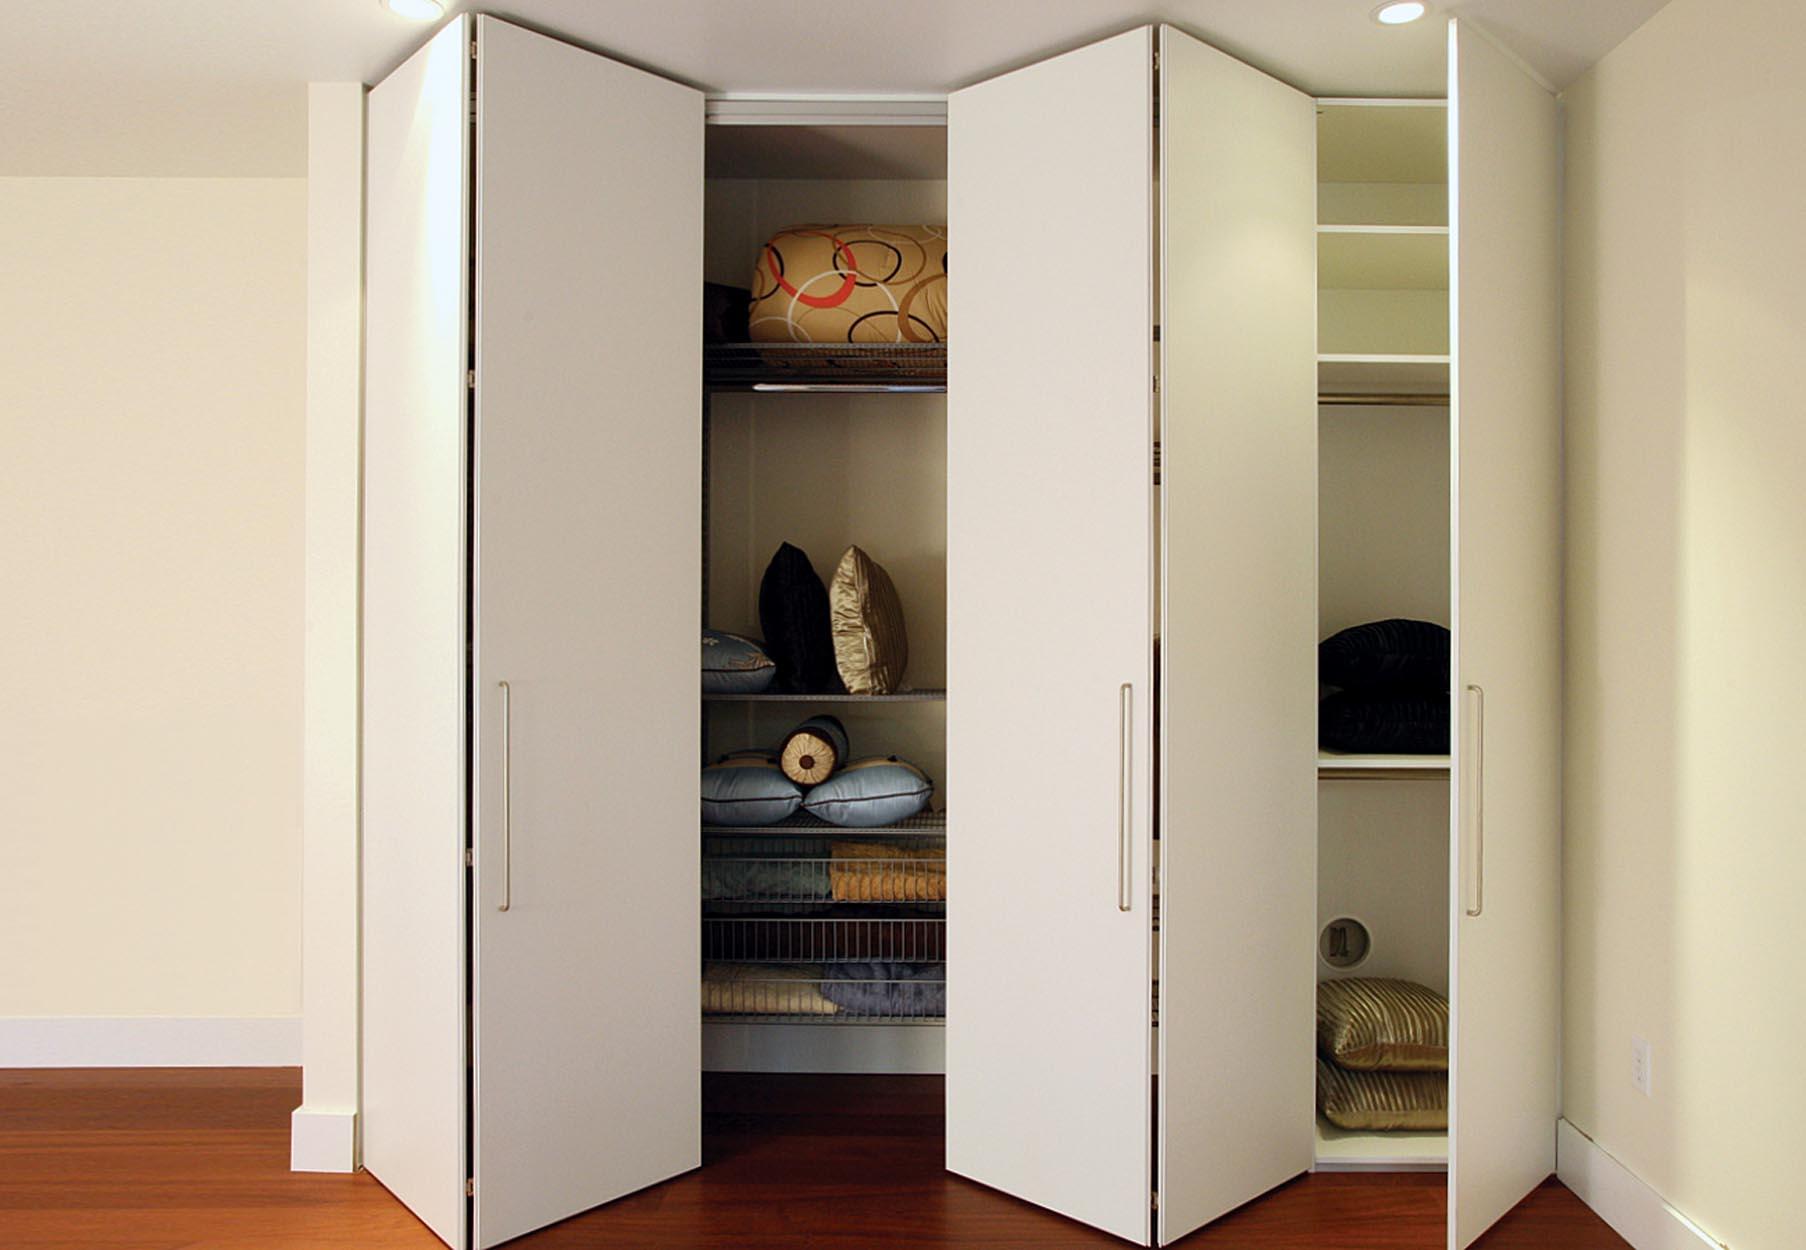 Экономность места с помощью шкафа гармошки